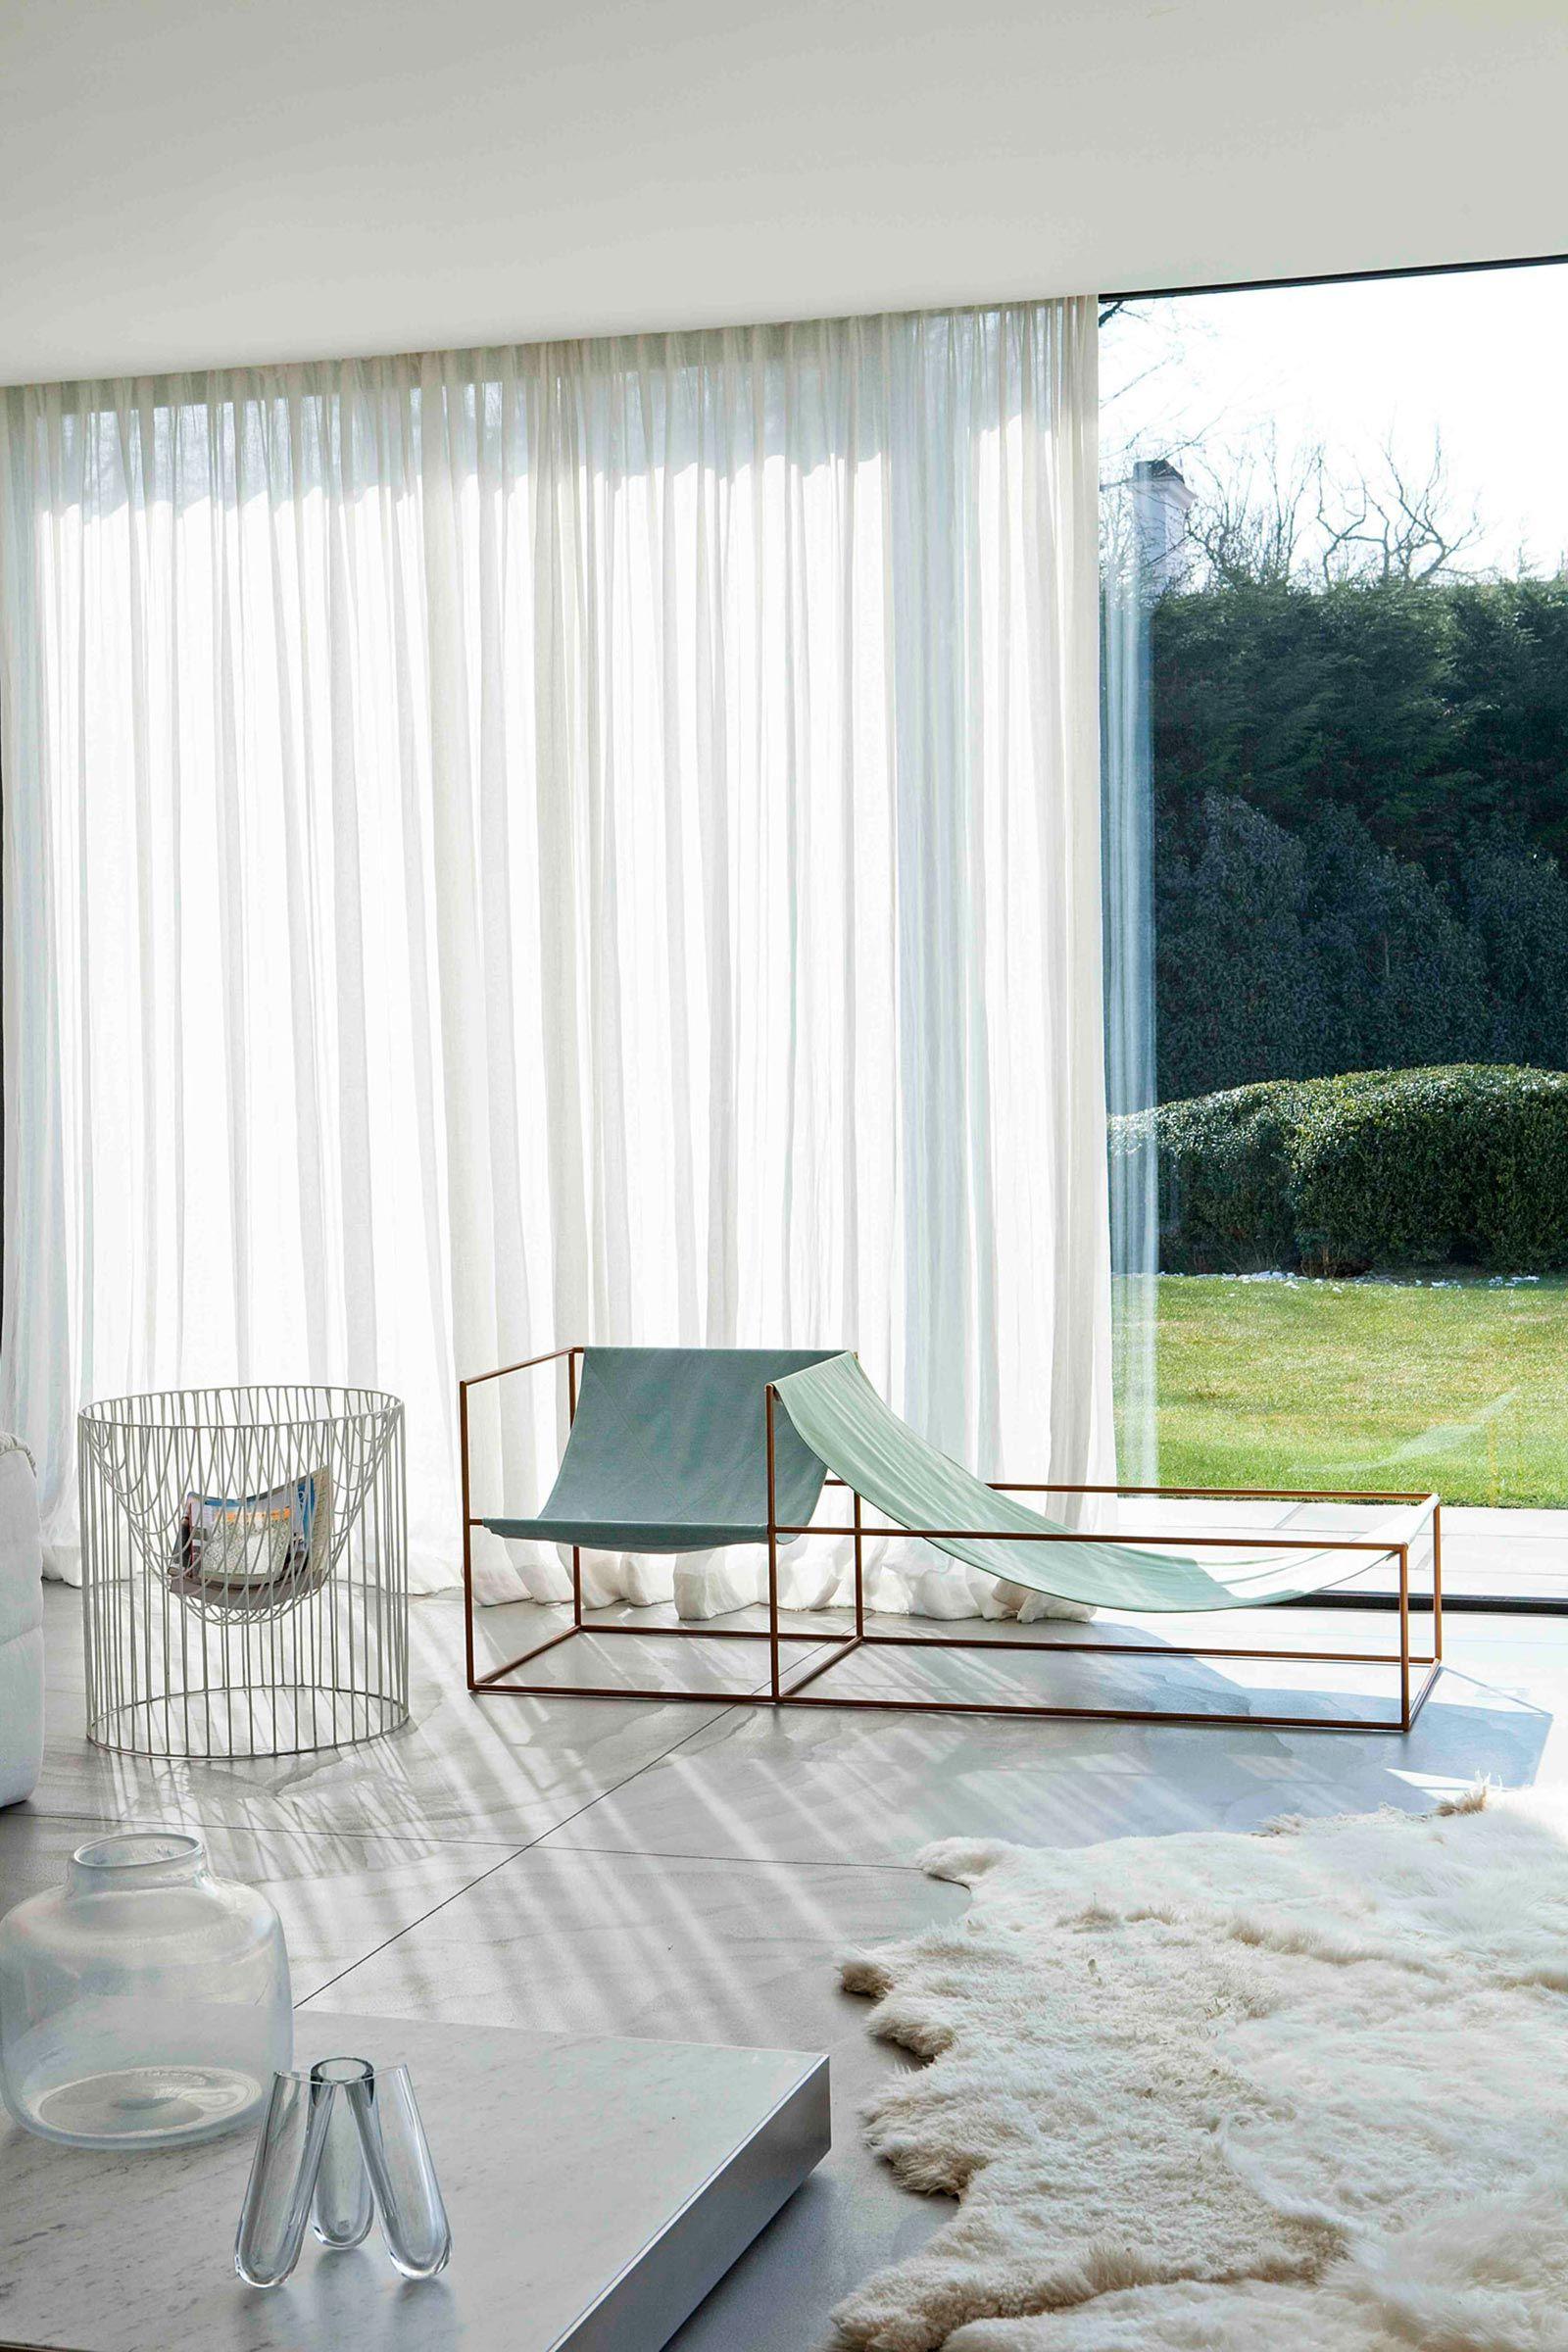 Afbeeldingsresultaat voor grote ramen gordijnen woonkamer in